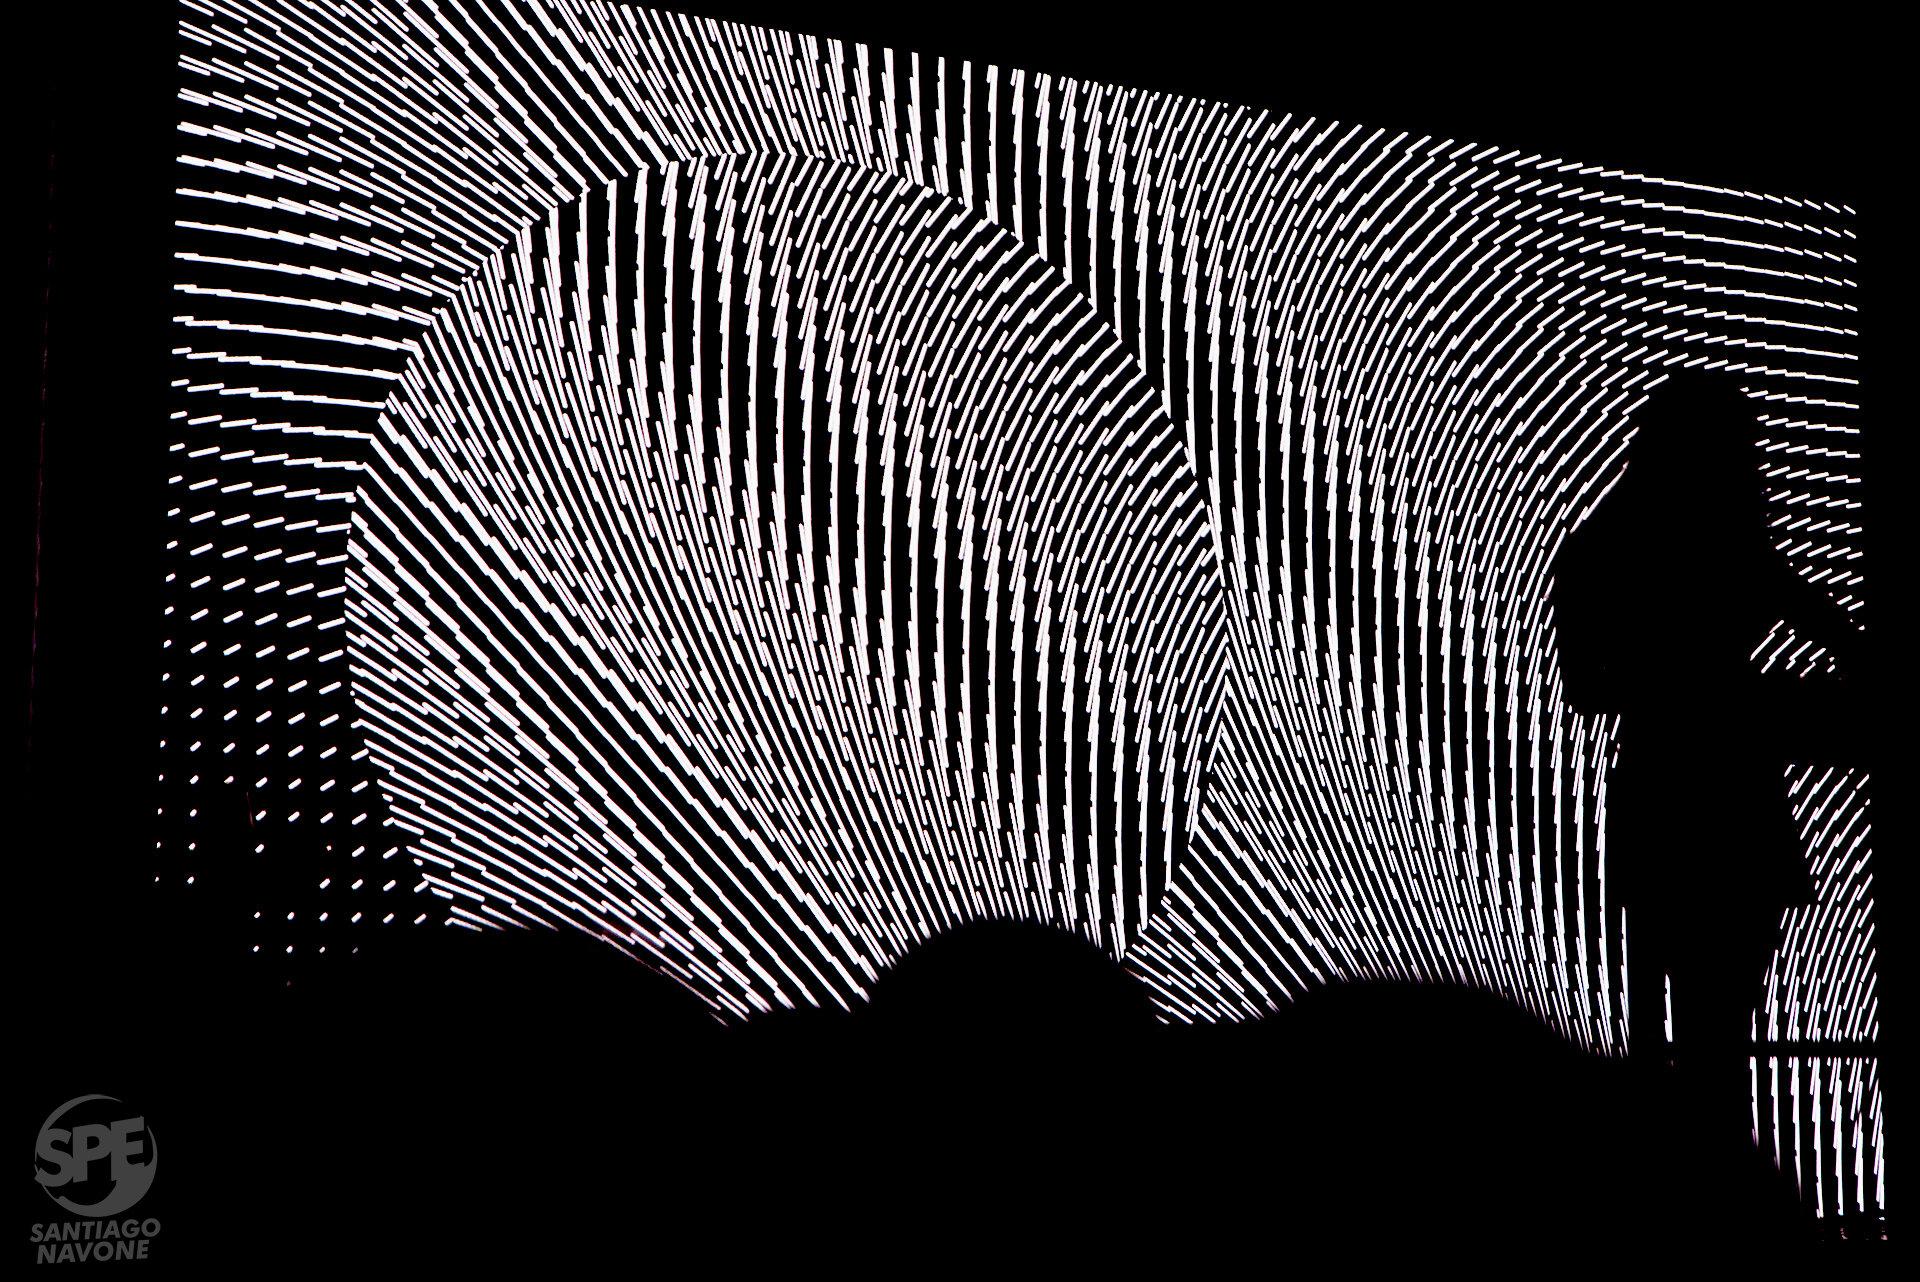 Se llevó a cabo el MUTEK en el Palacio Alsina (Buenos Aires, Argentina) los dias 13 y 14 de Septiembre de 2019. El MUTEK es un festival con sede en Montreal dedicado a la promoción de la música electrónica y las artes digitales. Foto de: Santiago Navone